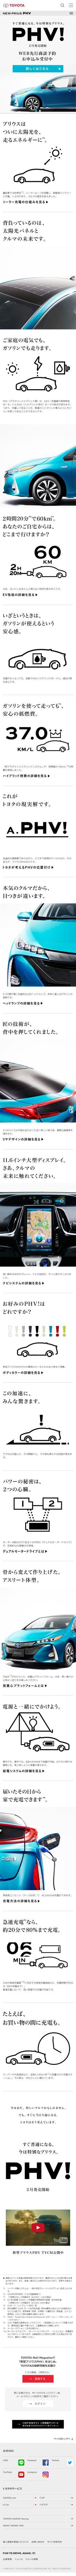 プリウスPHV【車・バイク関連】のLPデザイン。WEBデザイナーさん必見!スマホランディングページのデザイン参考に(シンプル系)